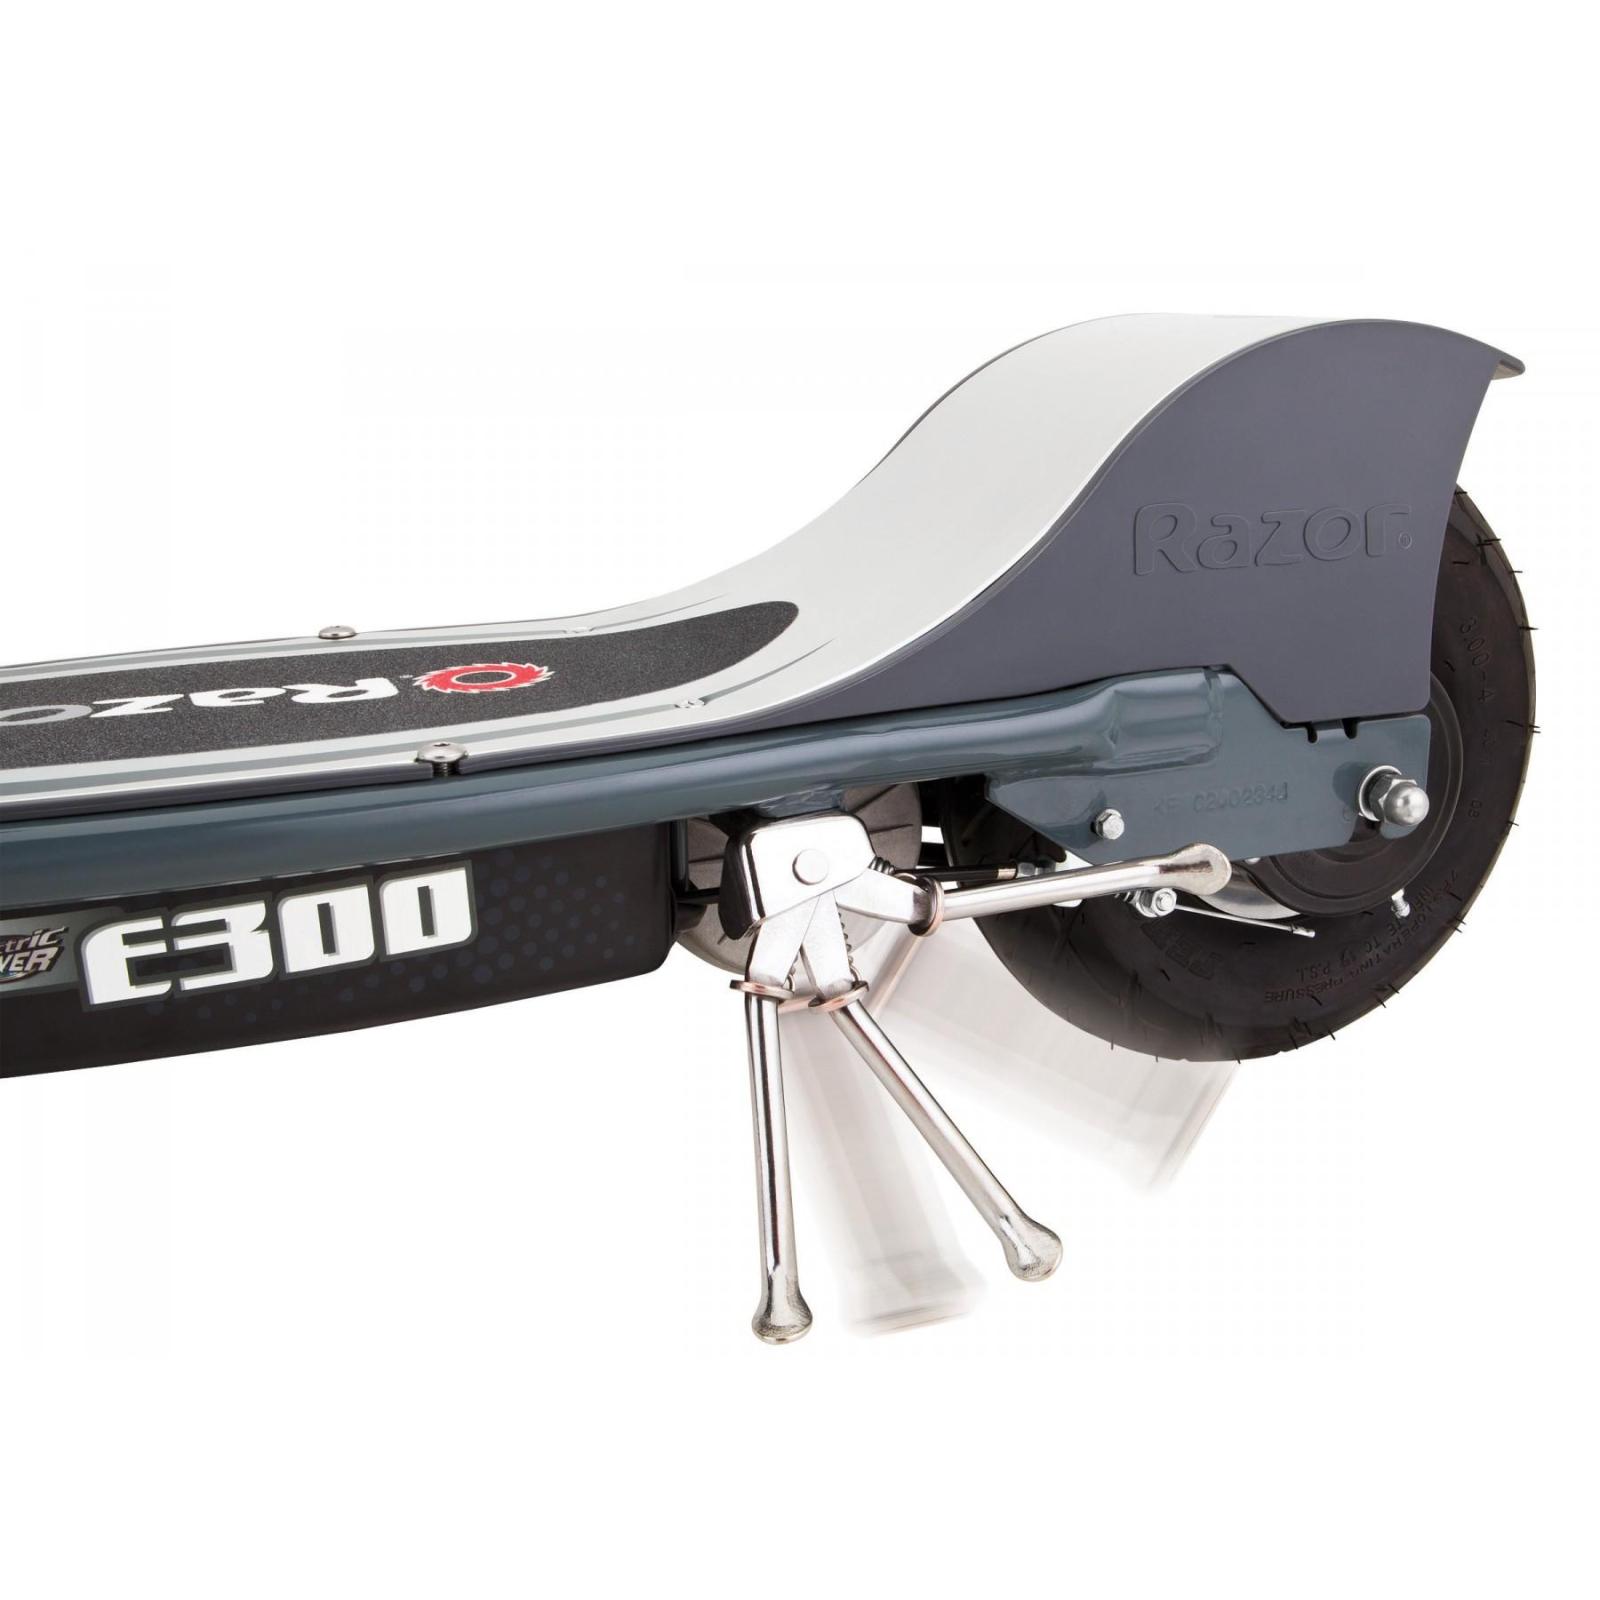 Электросамокат Razor E300 Grey (283571) изображение 5